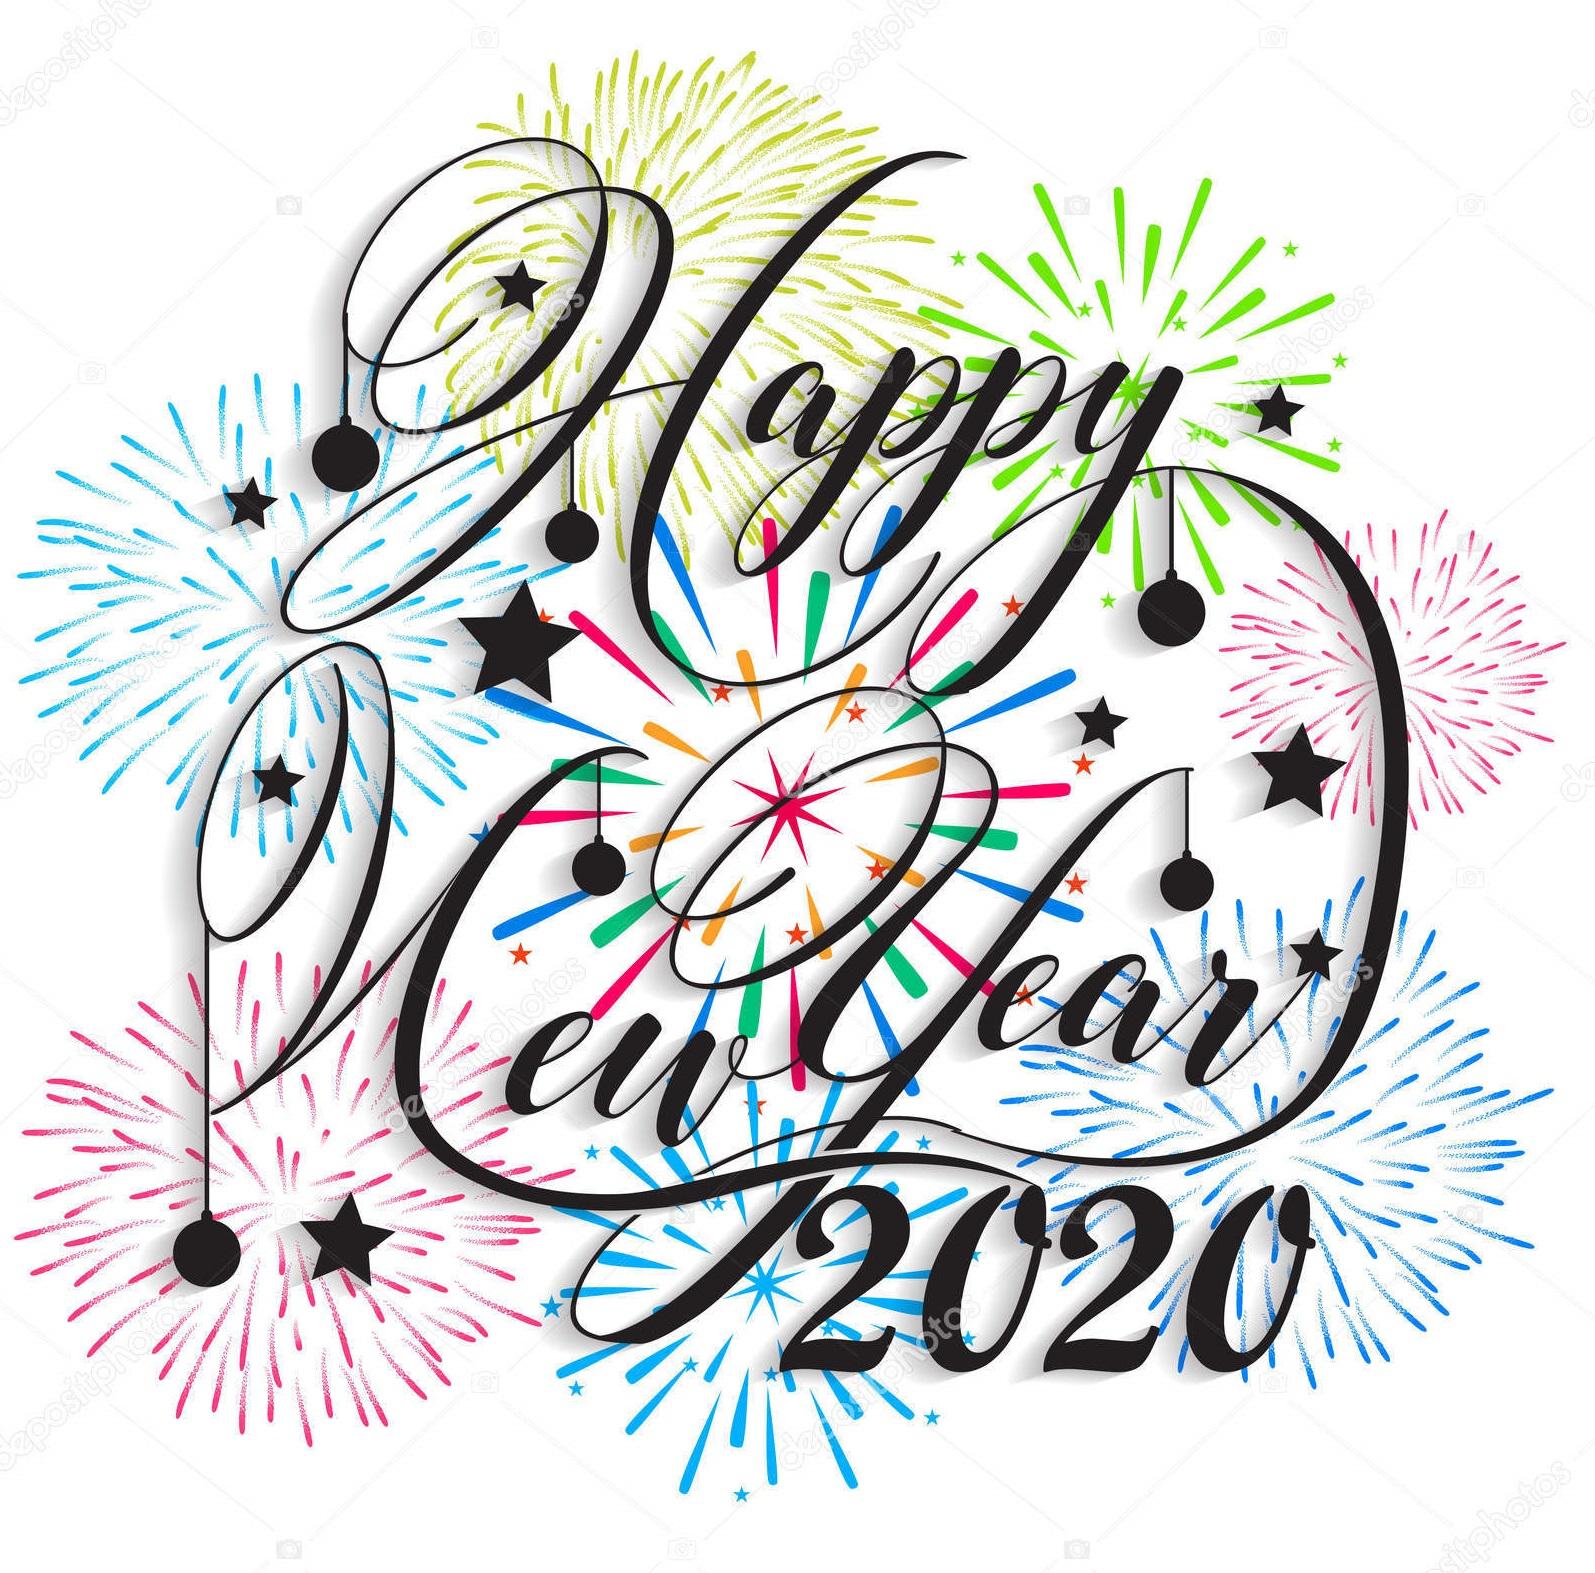 thiệp chúc mừng năm mới kỷ hợi